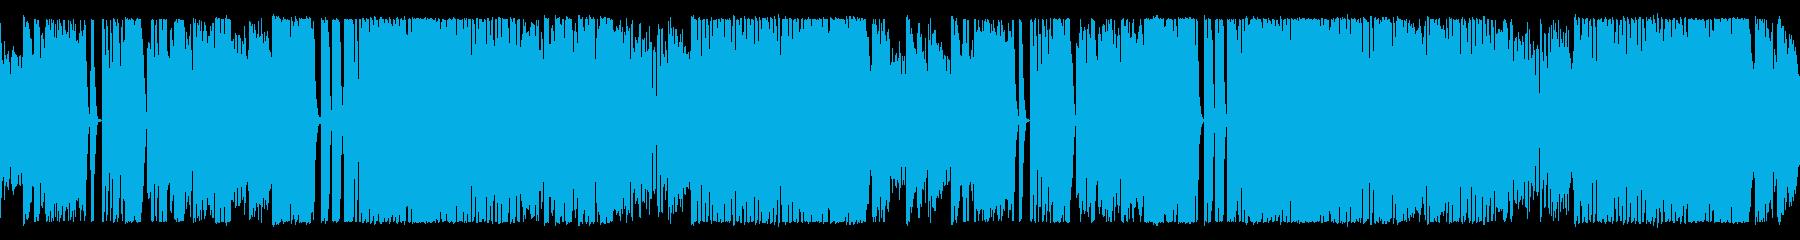 ホラーだけどかっこいいハロウィン系ワルツの再生済みの波形